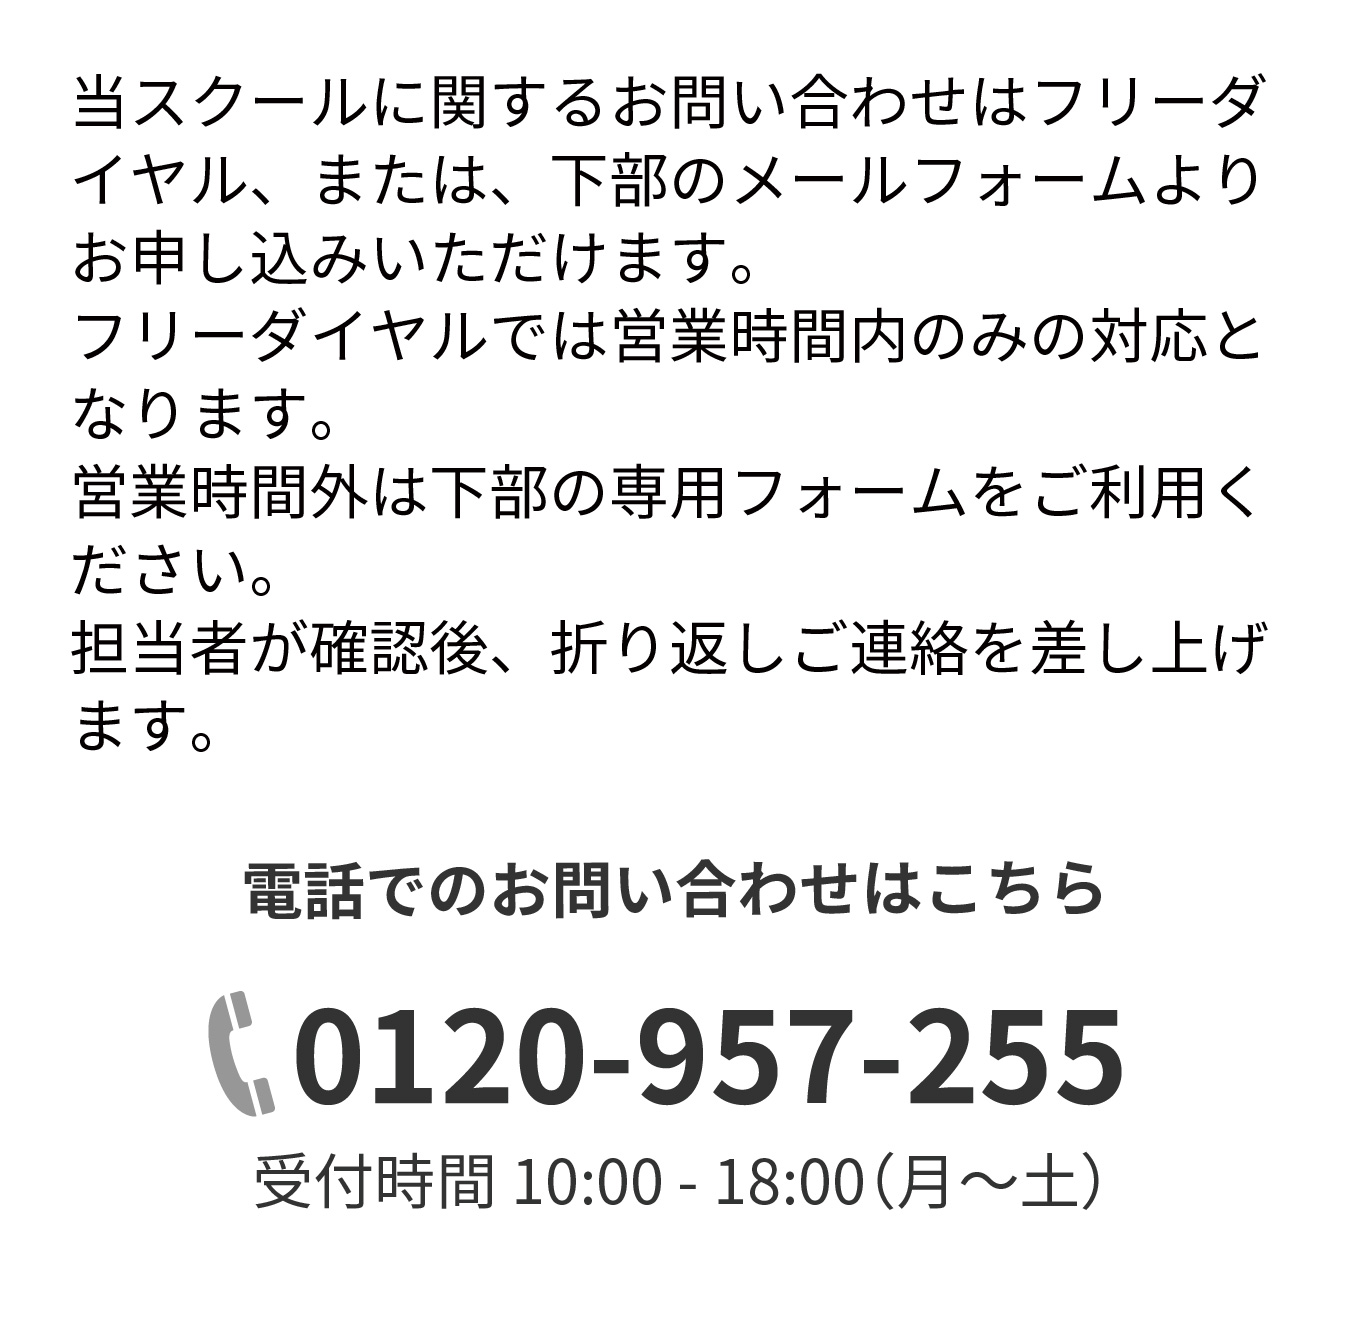 当スクールに関するお問い合わせはフリーダイヤル、または、下部のメールフォームよりお申し込みいただけます。フリーダイヤルでは営業時間内のみの対応となります。営業時間外は下部の専用フォームをご利用ください。担当者が確認後、折り返しご連絡を差し上げます。電話でのお問い合わせはこちら,0120-957-255,受付時間 10:00 - 18:00(月~土)